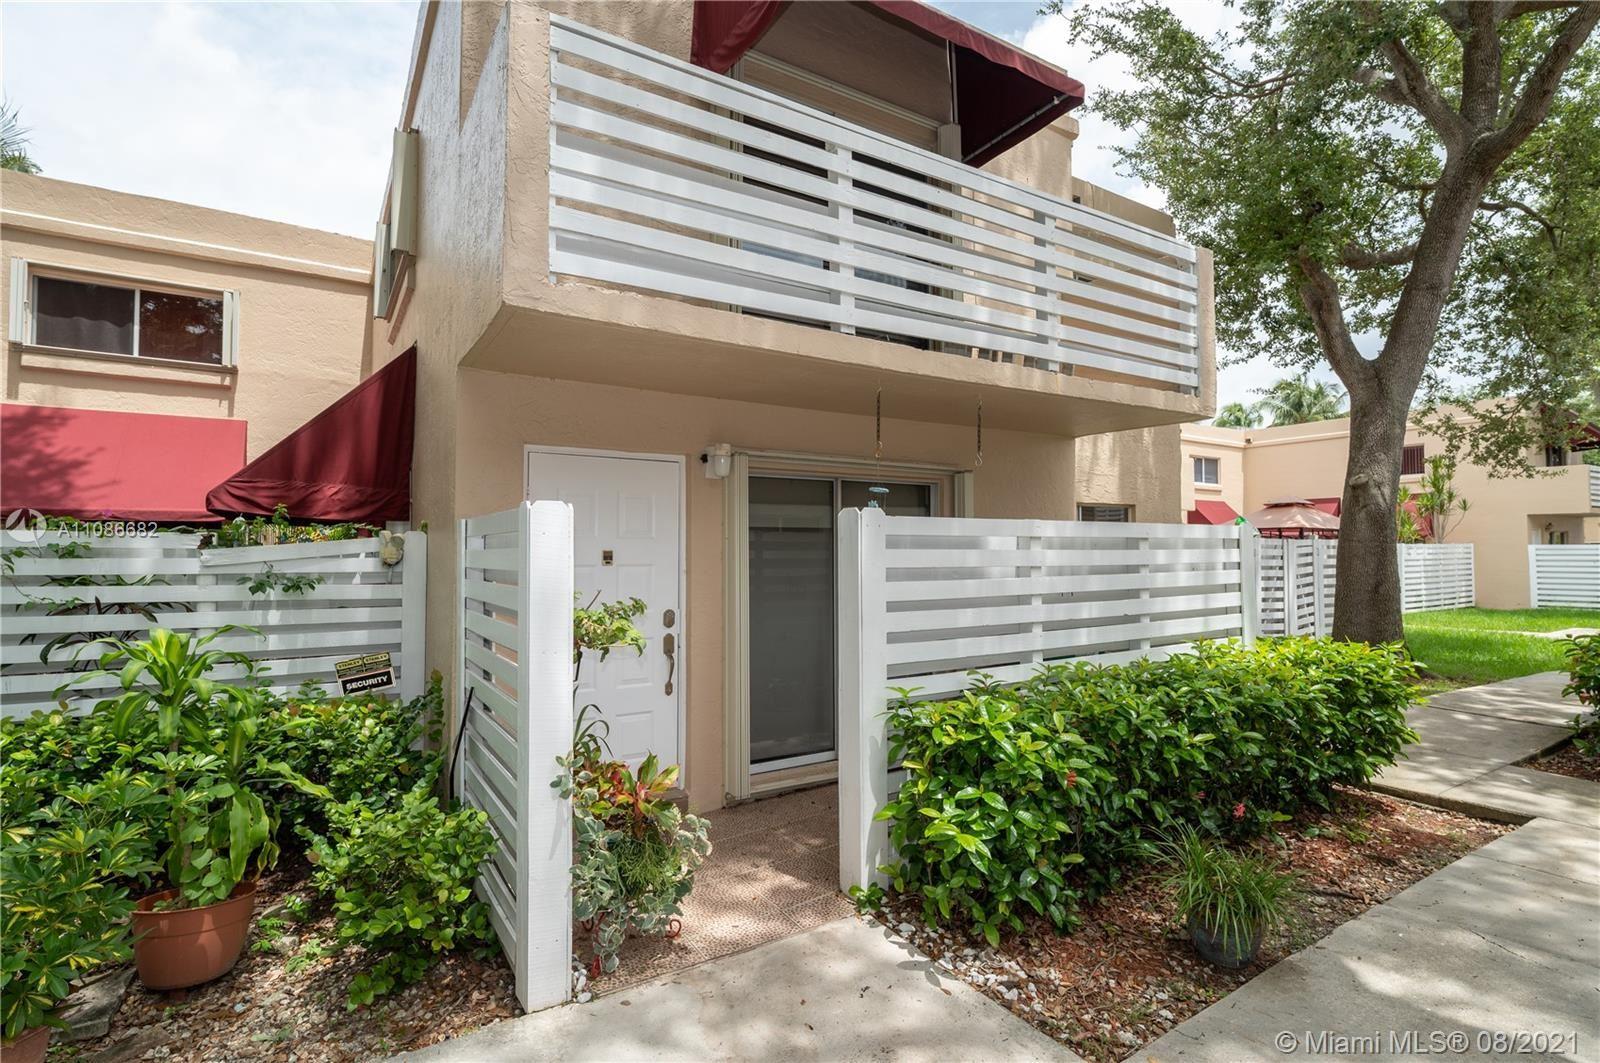 14386 SW 97th Ter #14386, Miami, FL 33186 - #: A11086682